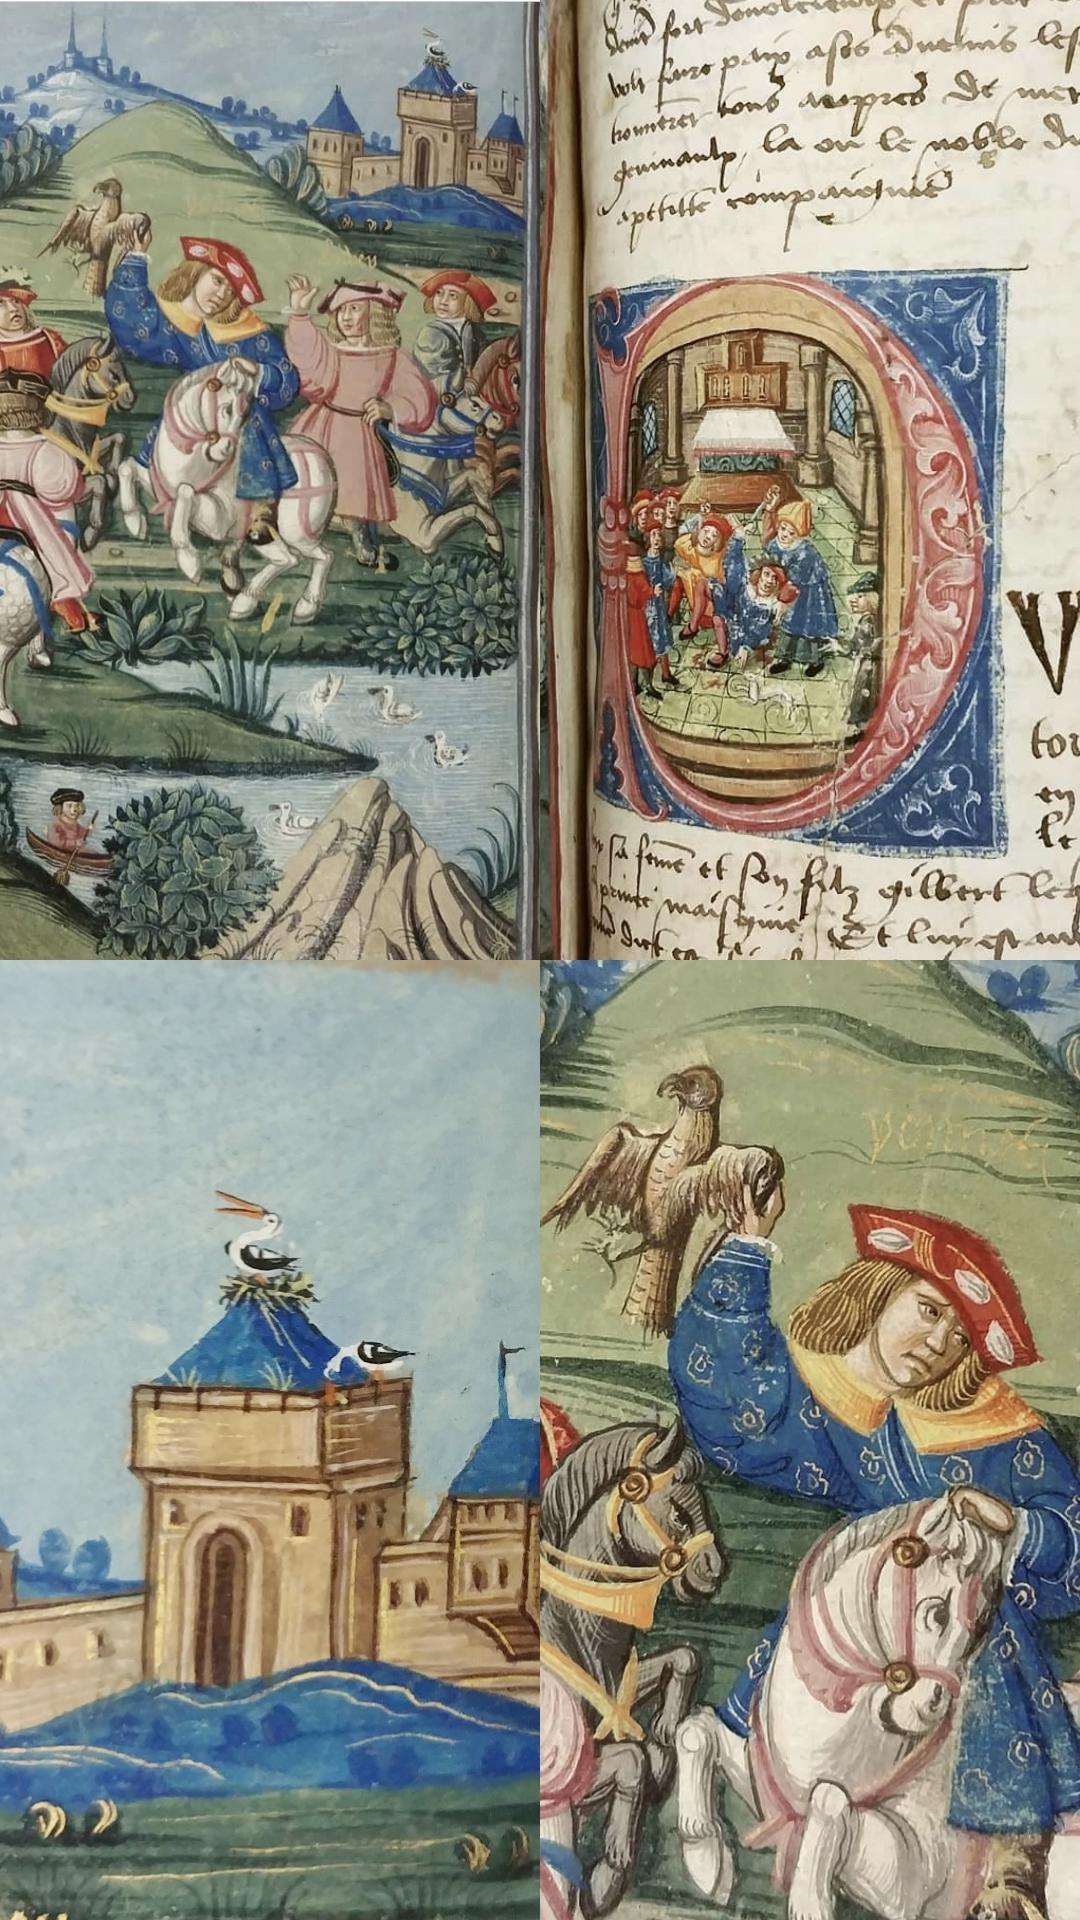 Une saga familiale sanguinaire au temps de Charles Martel et de Pépin le Bref